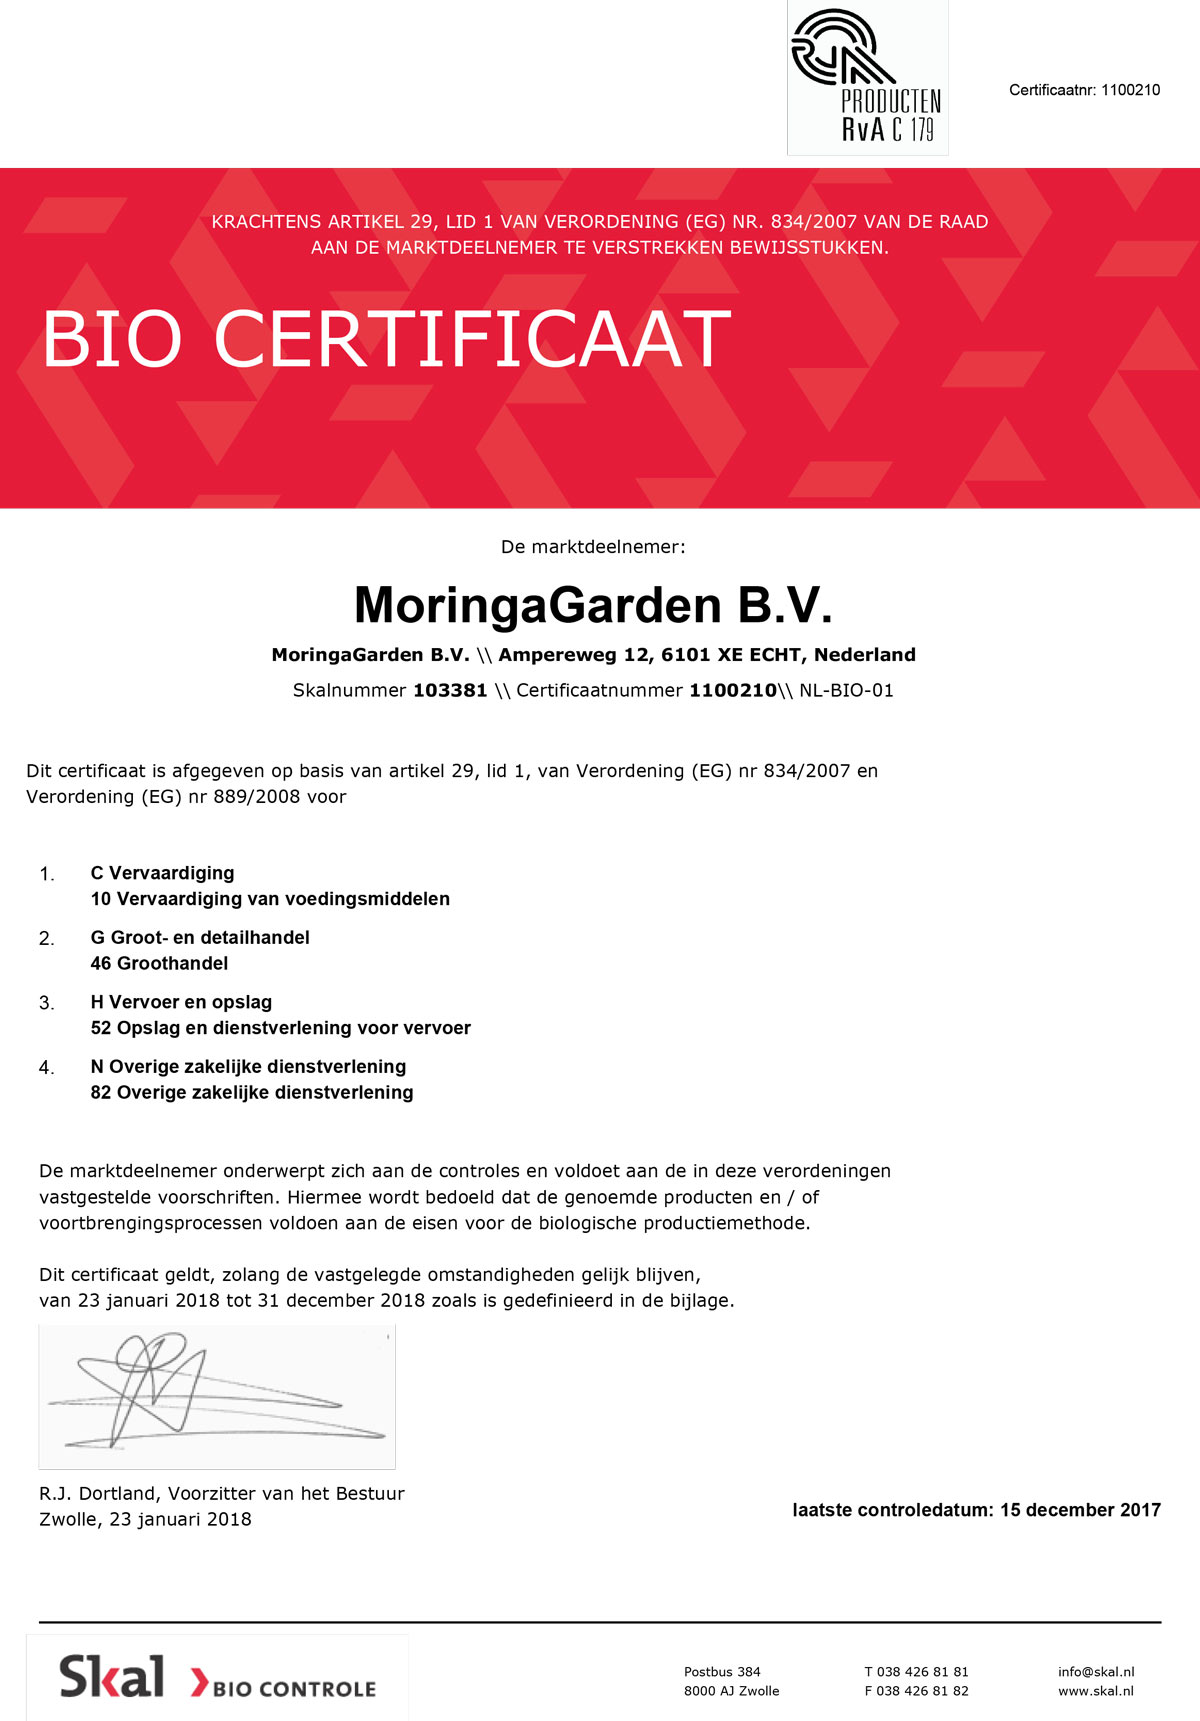 2018-1-23-cert_EU_BIO_certificaat5a6713f3613d9